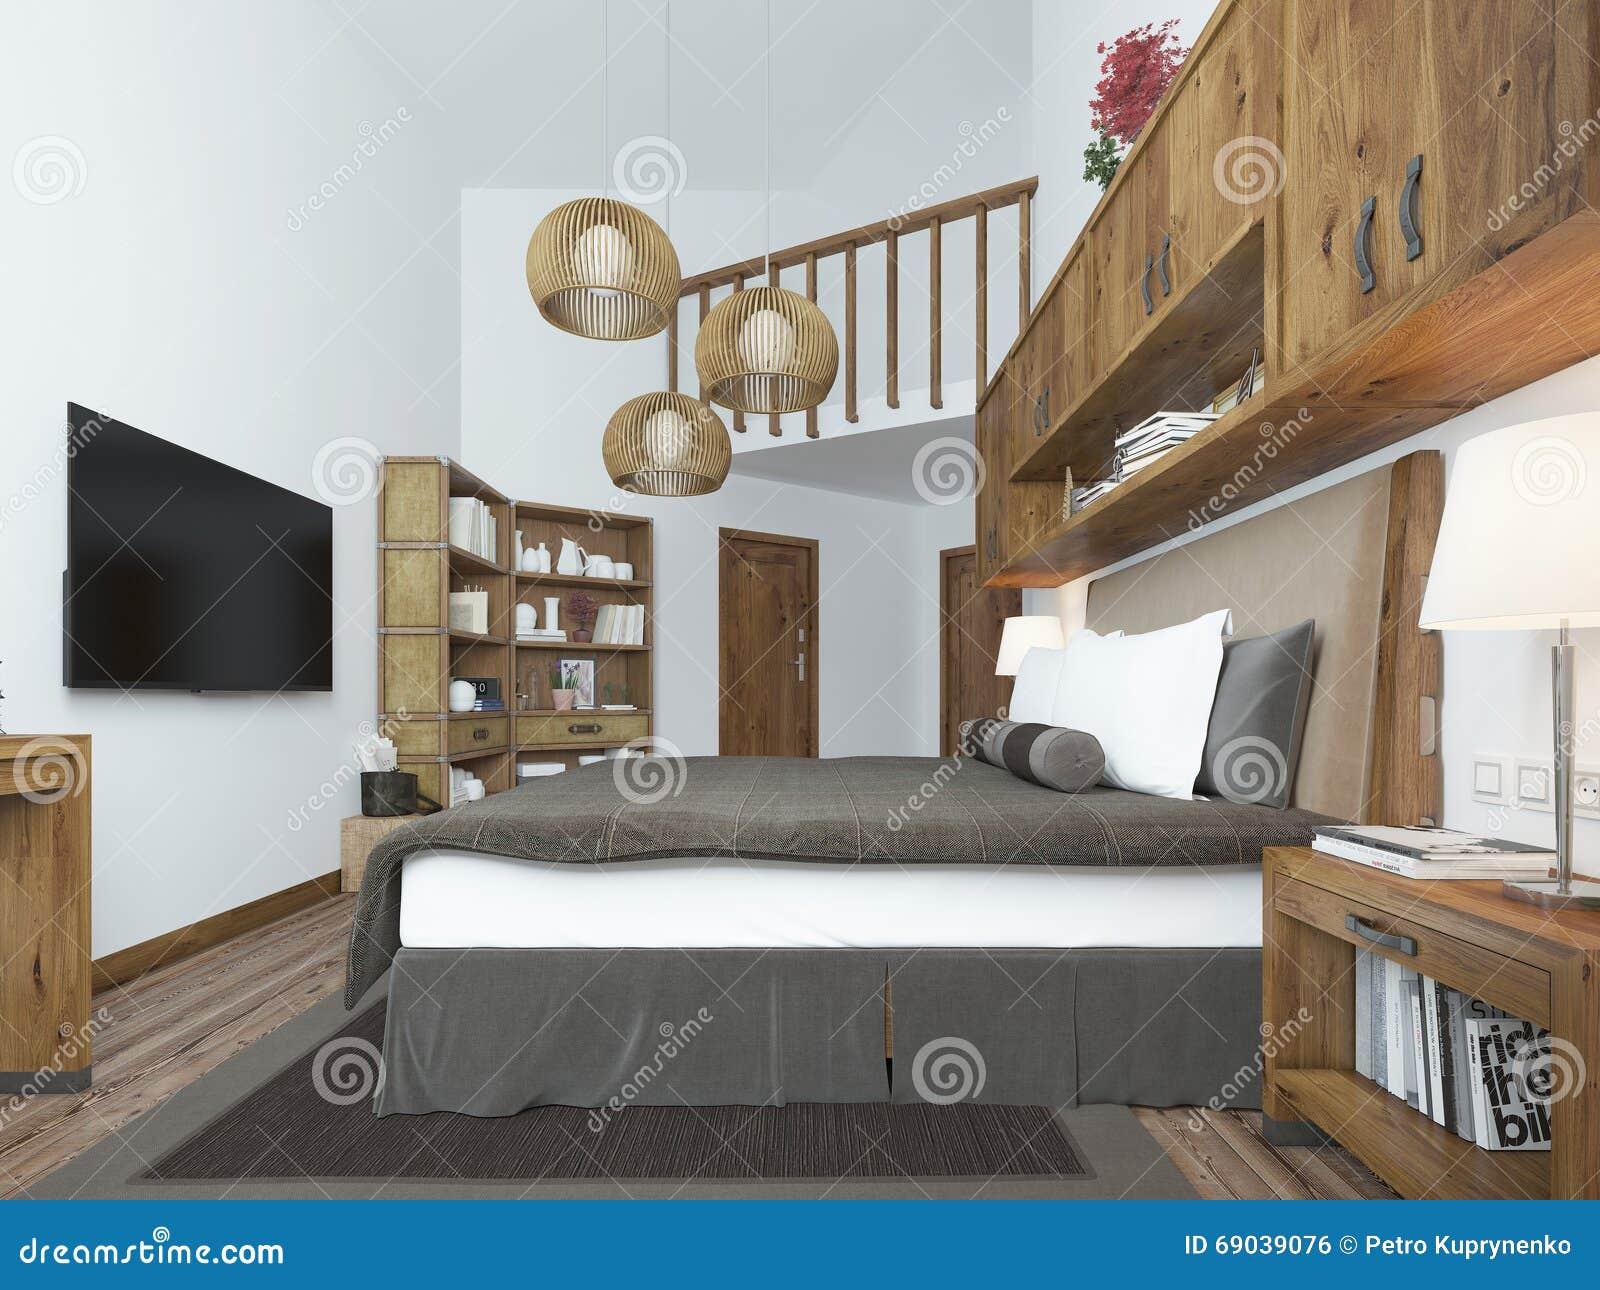 Grande camera da letto nello stile moderno con gli elementi di un sottotetto rustico fotografia - Camera da letto sottotetto ...